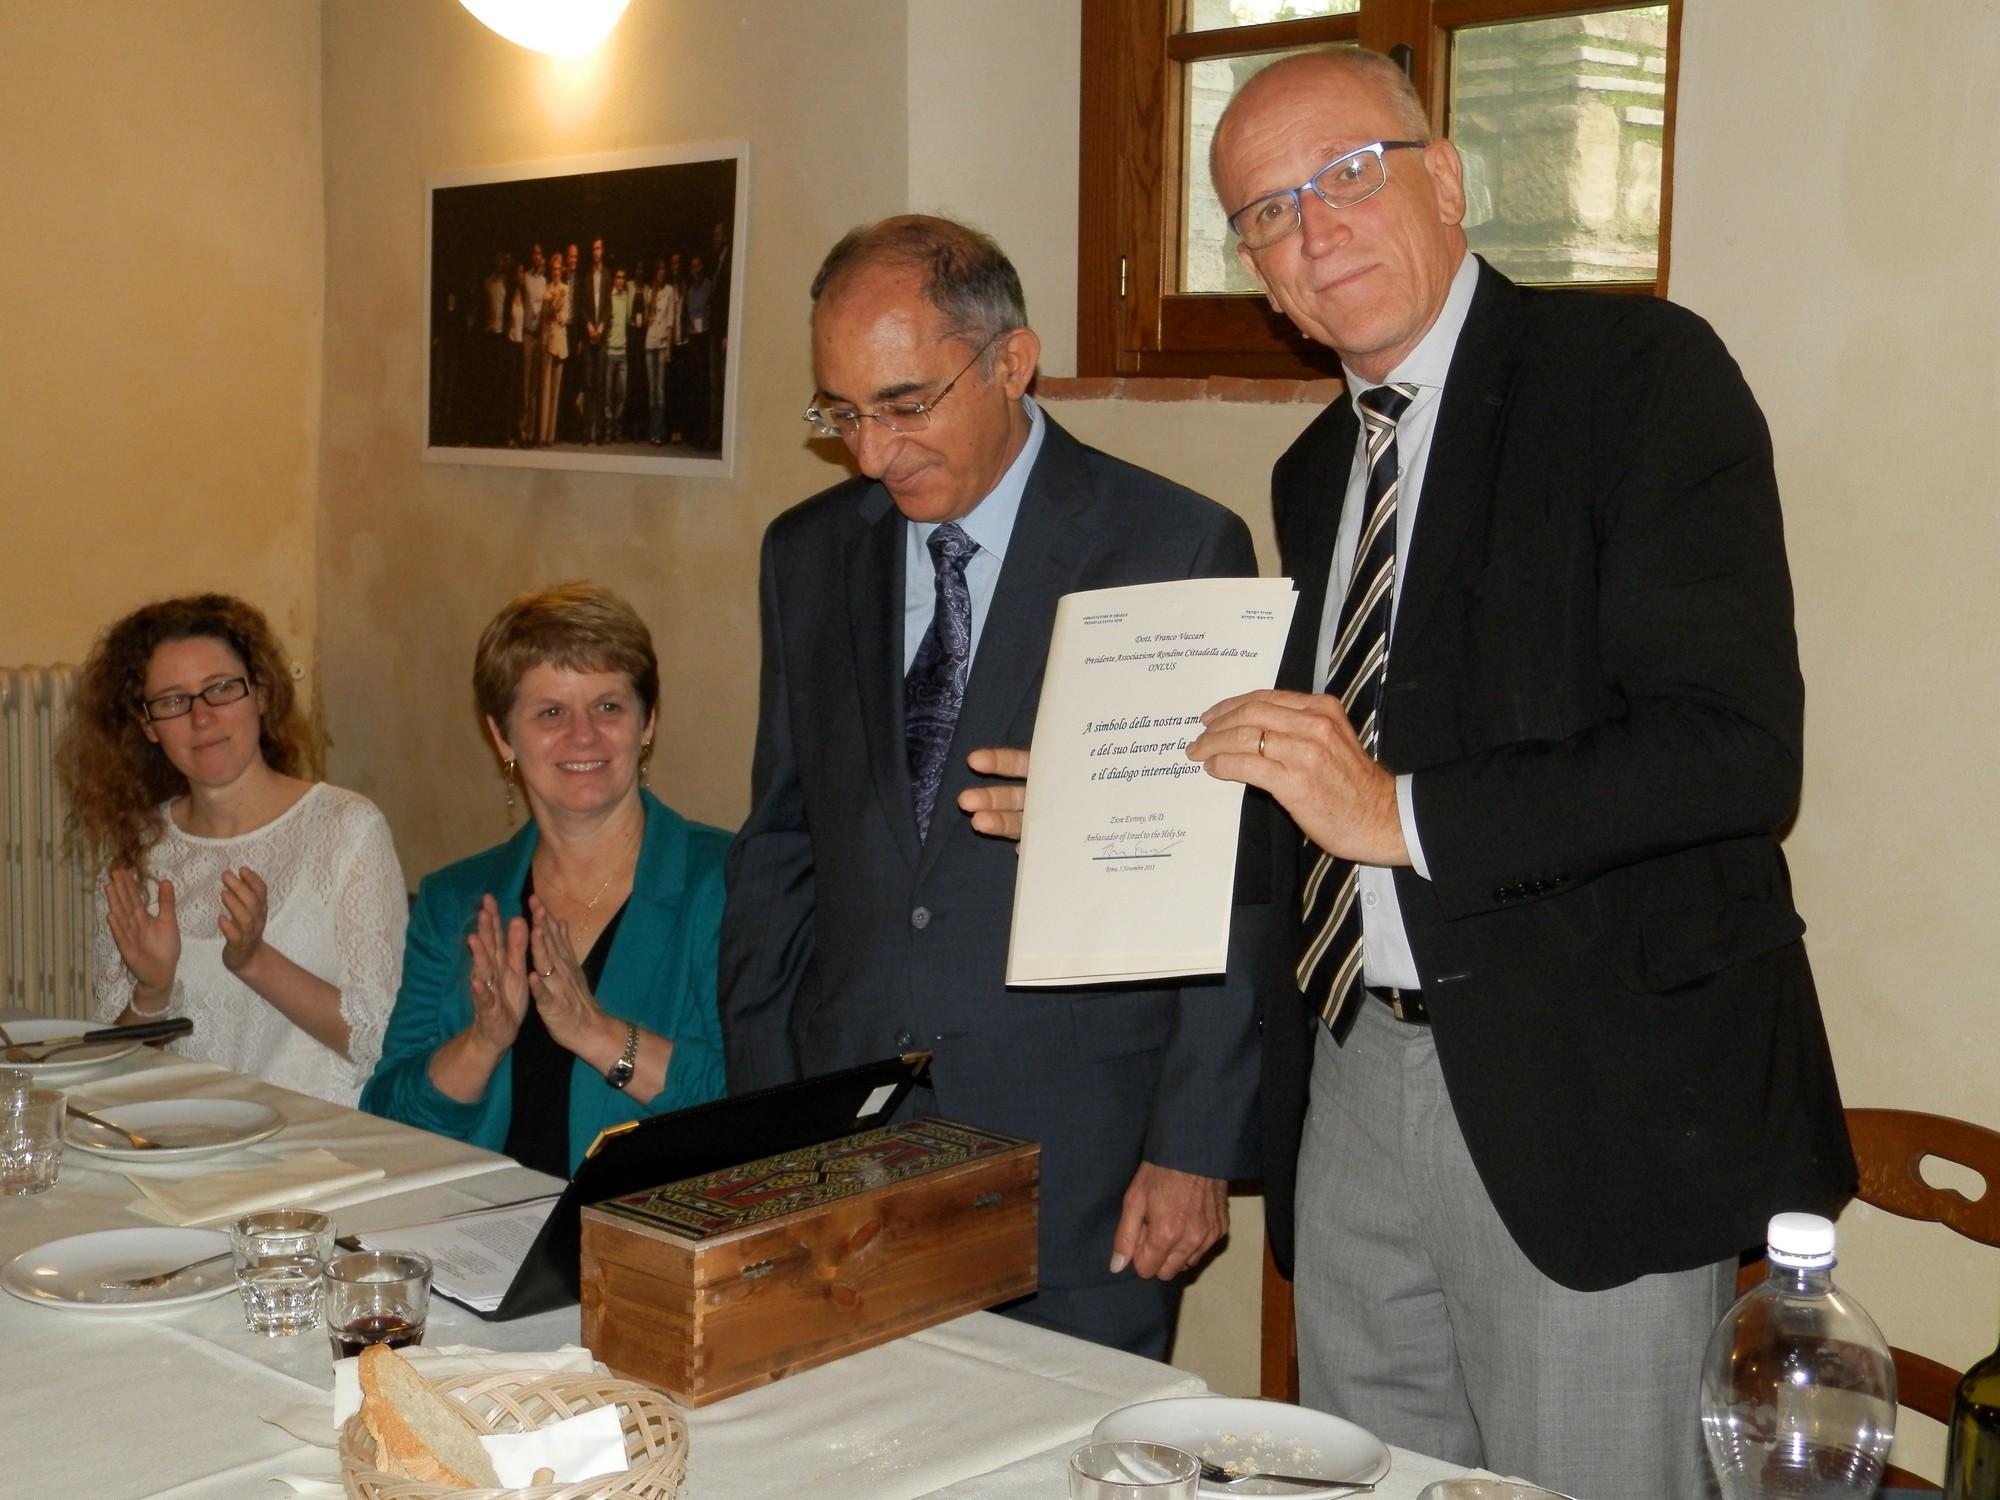 Il dialogo tra la Santa Sede e Israele passa da Rondine: l'incontro dell'Ambasciatore Zion Evrony con gli studenti della Cittadella della Pace